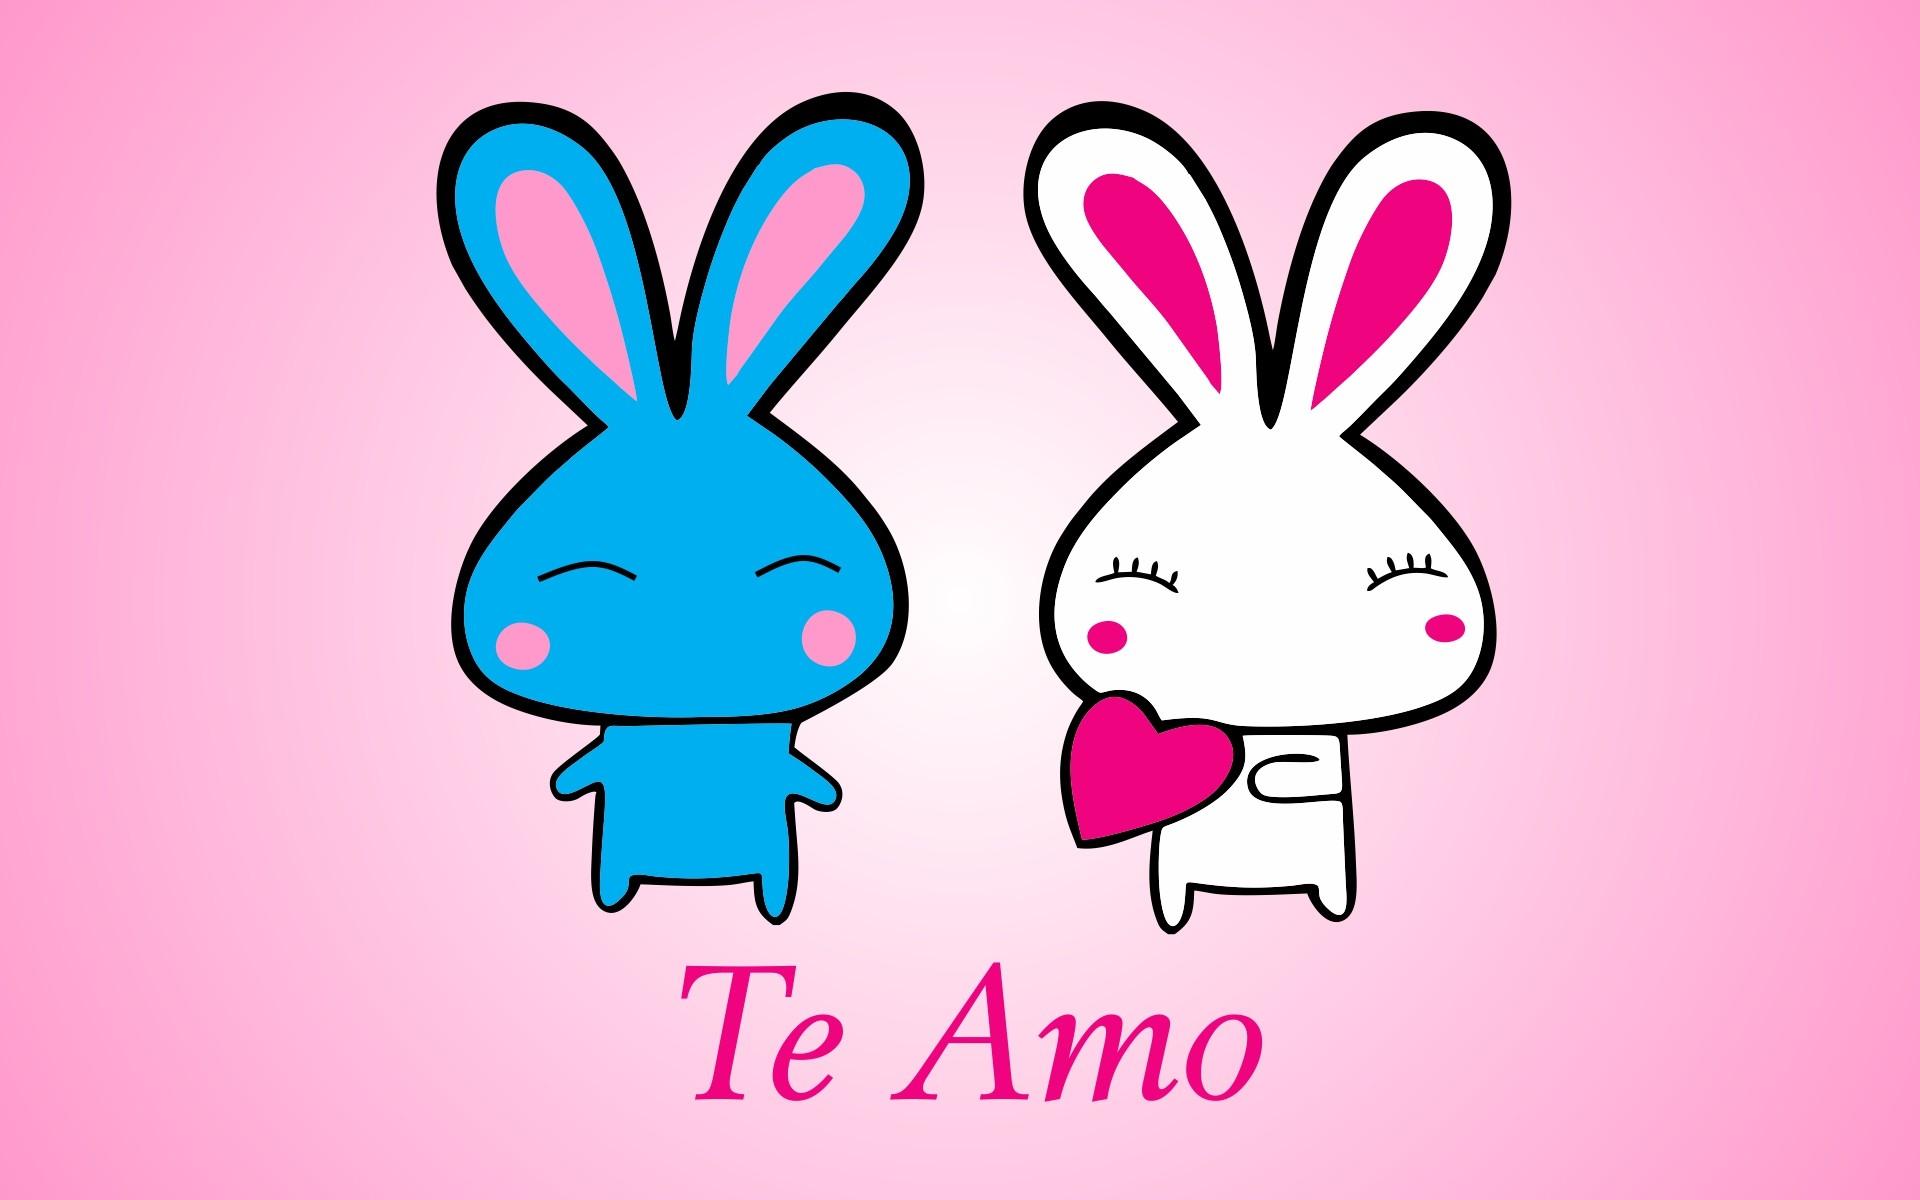 Imagenes De Amor: Te Amo Wallpapers (71+ Images